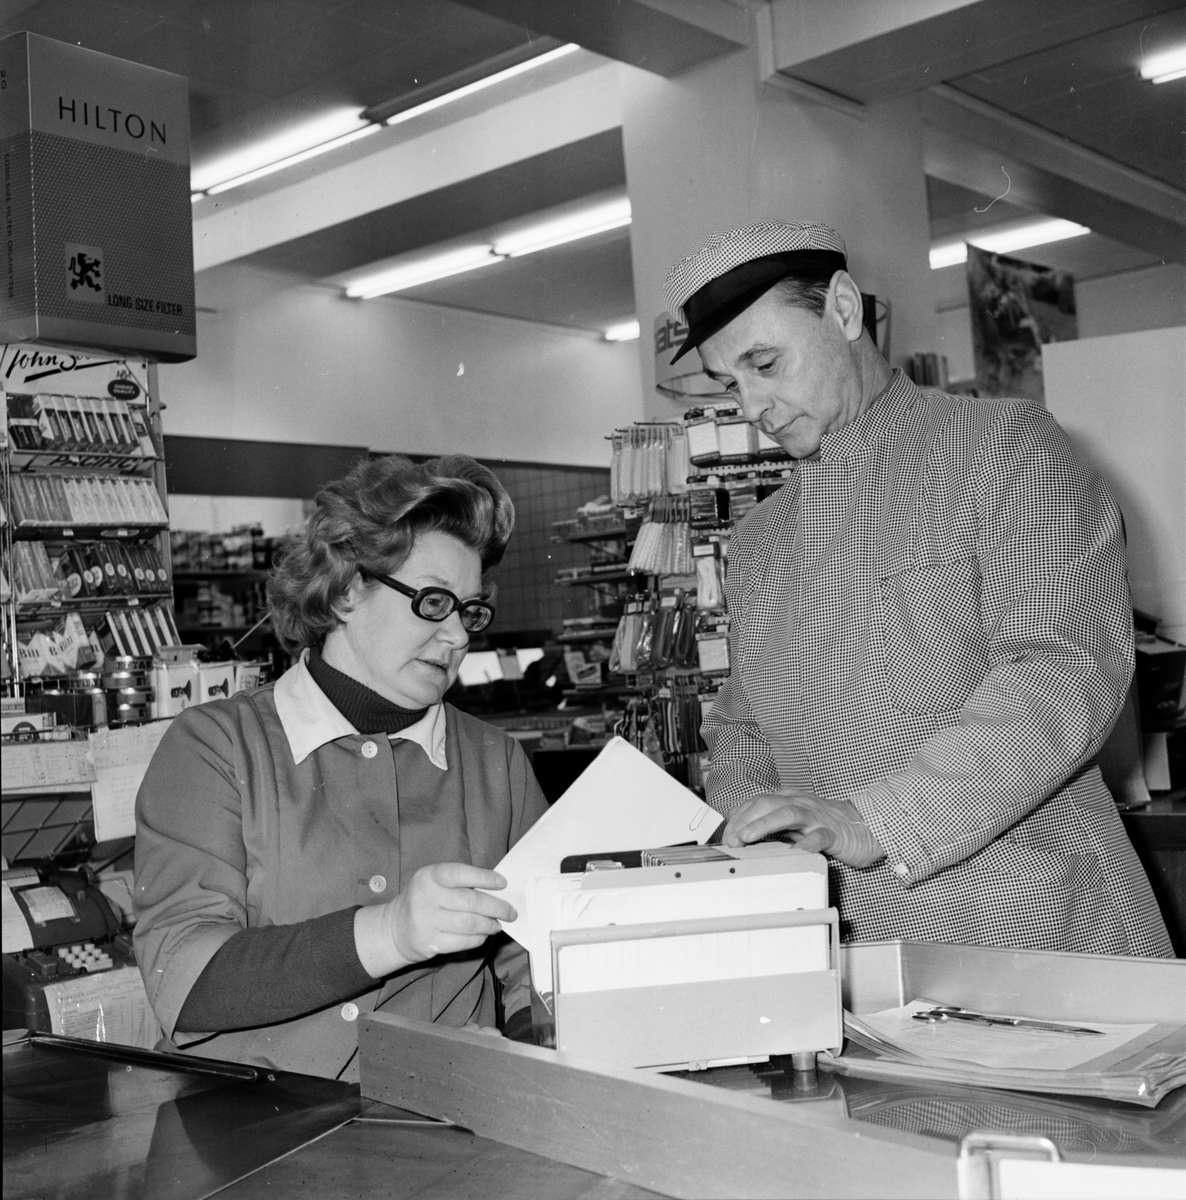 """Vallsta, Hälsinge Livs. Febr 1972 Uppropet """"Vi slutar handla"""". Föreståndare Åke Bergström och Fru Åhlen."""